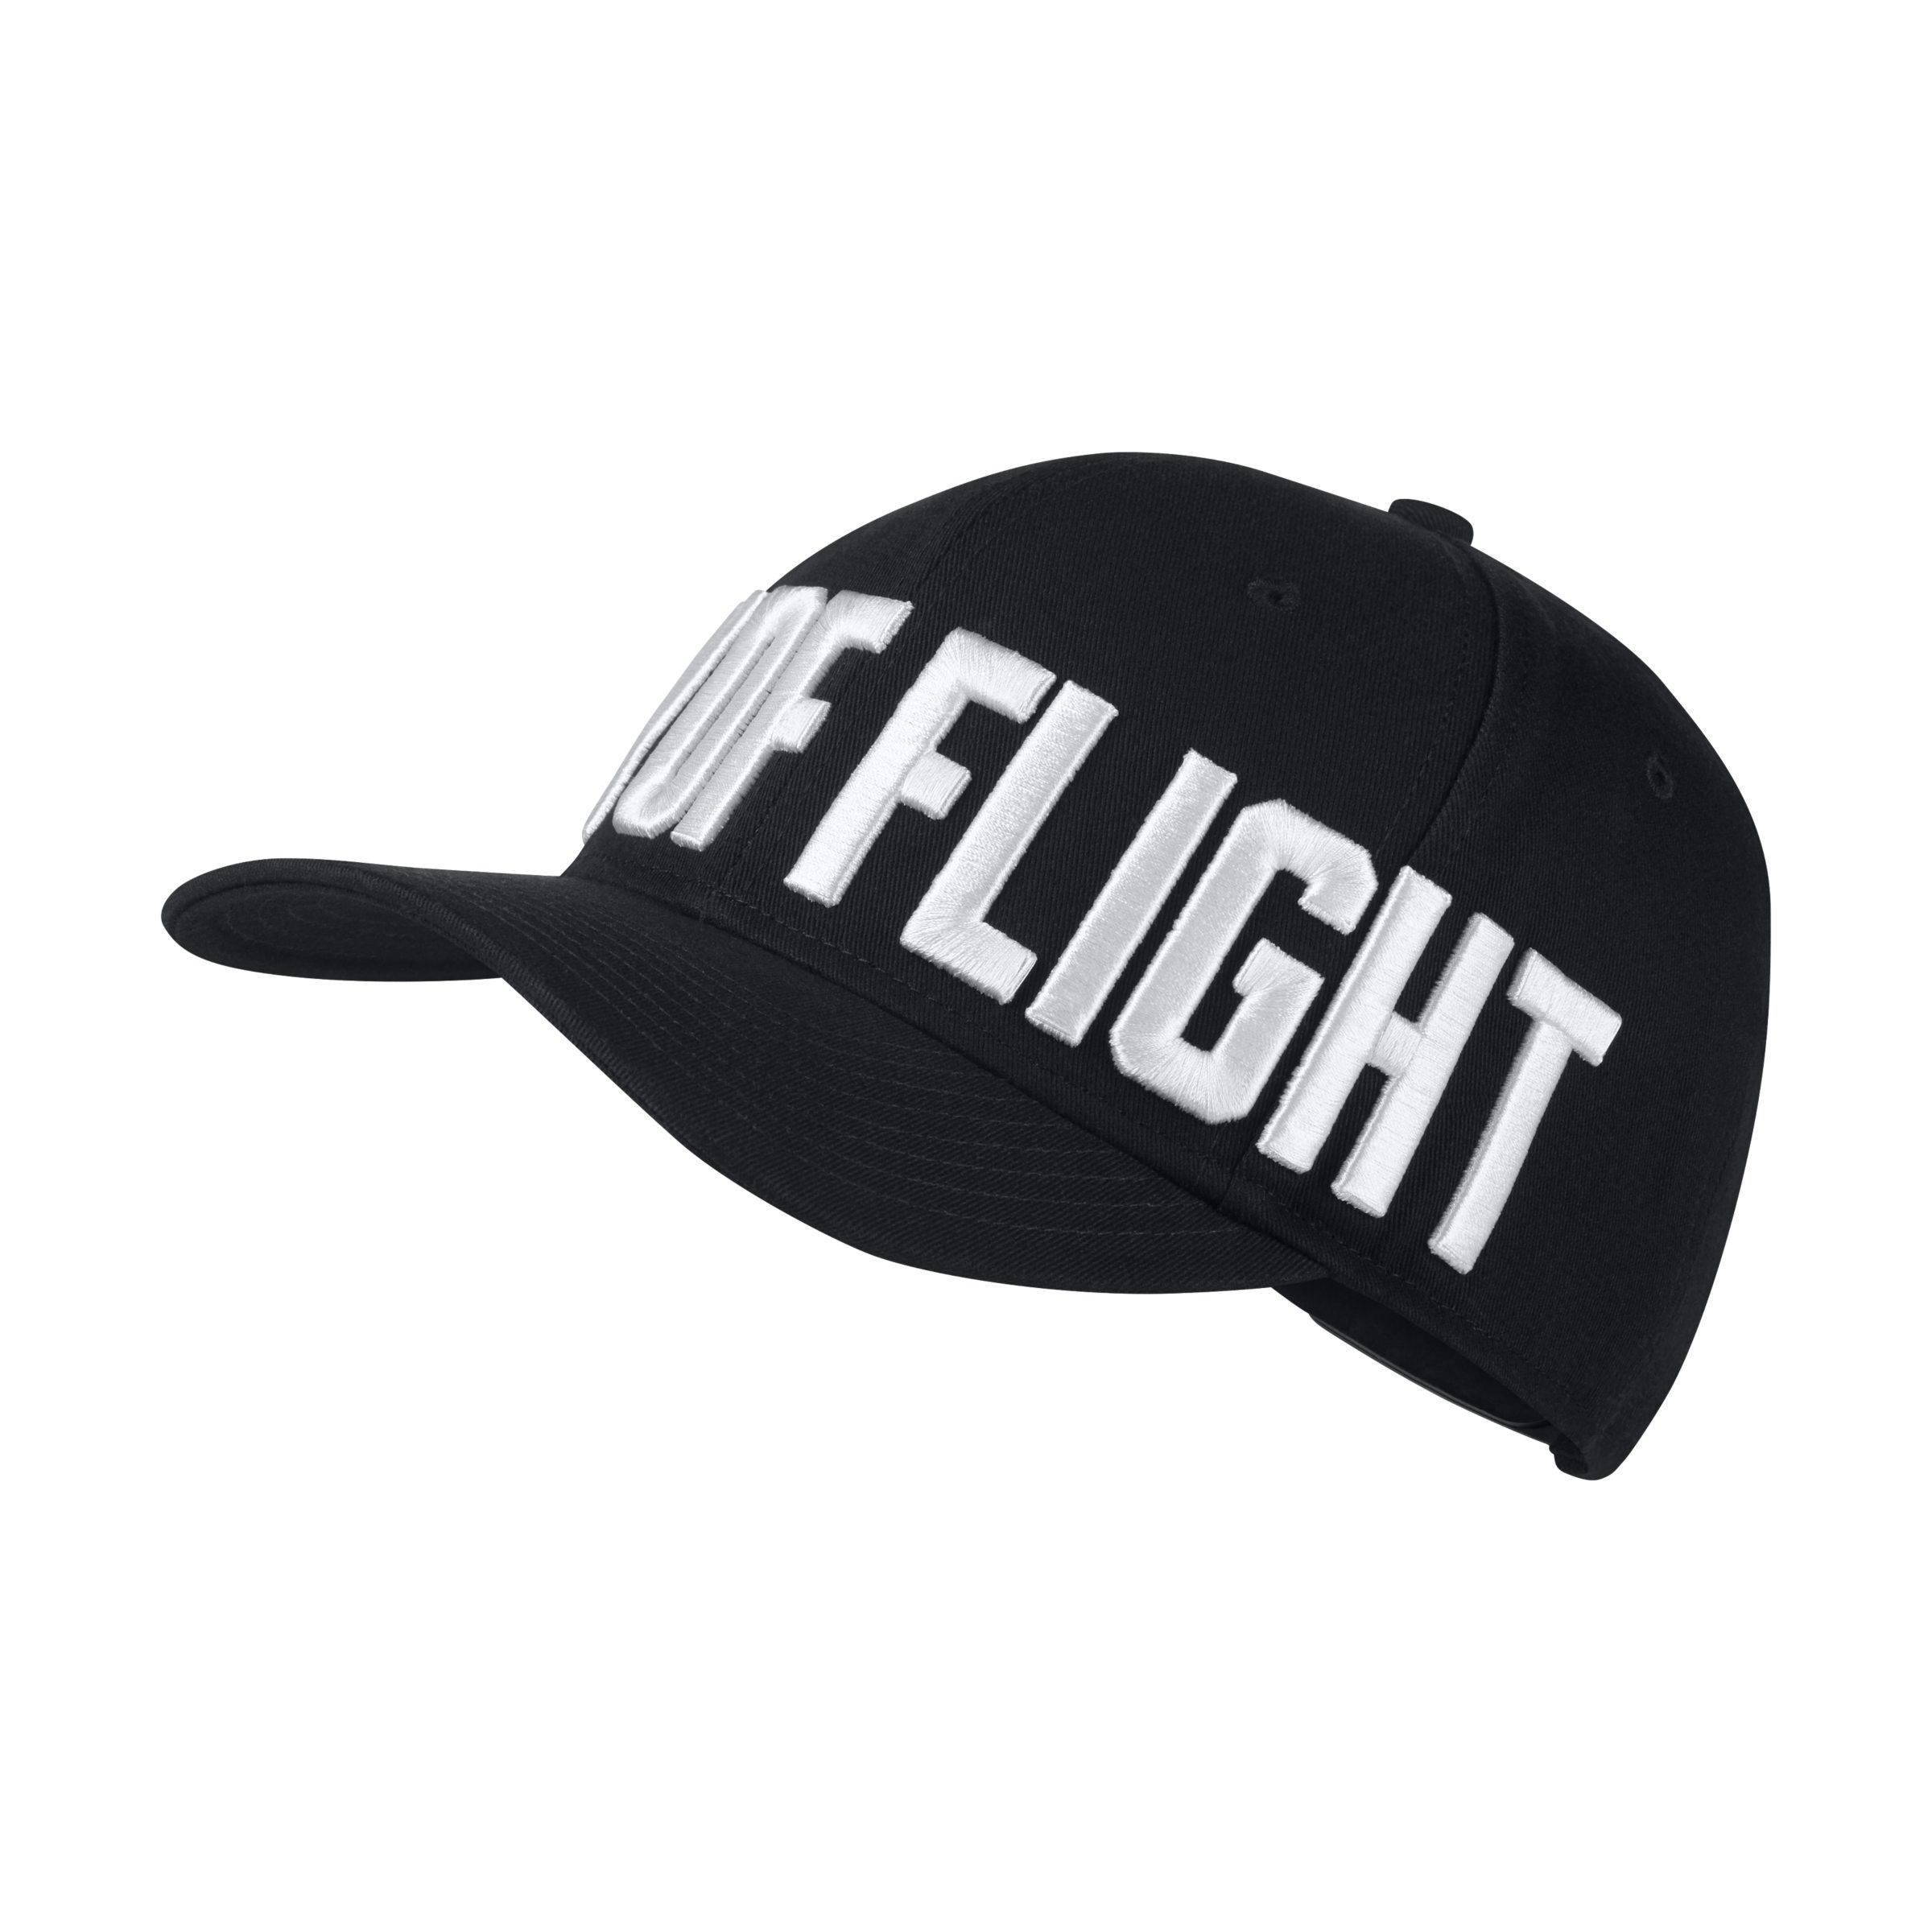 3ddc79d9 ... nike. mens black jordan jumpman classic 99 adjustable hat